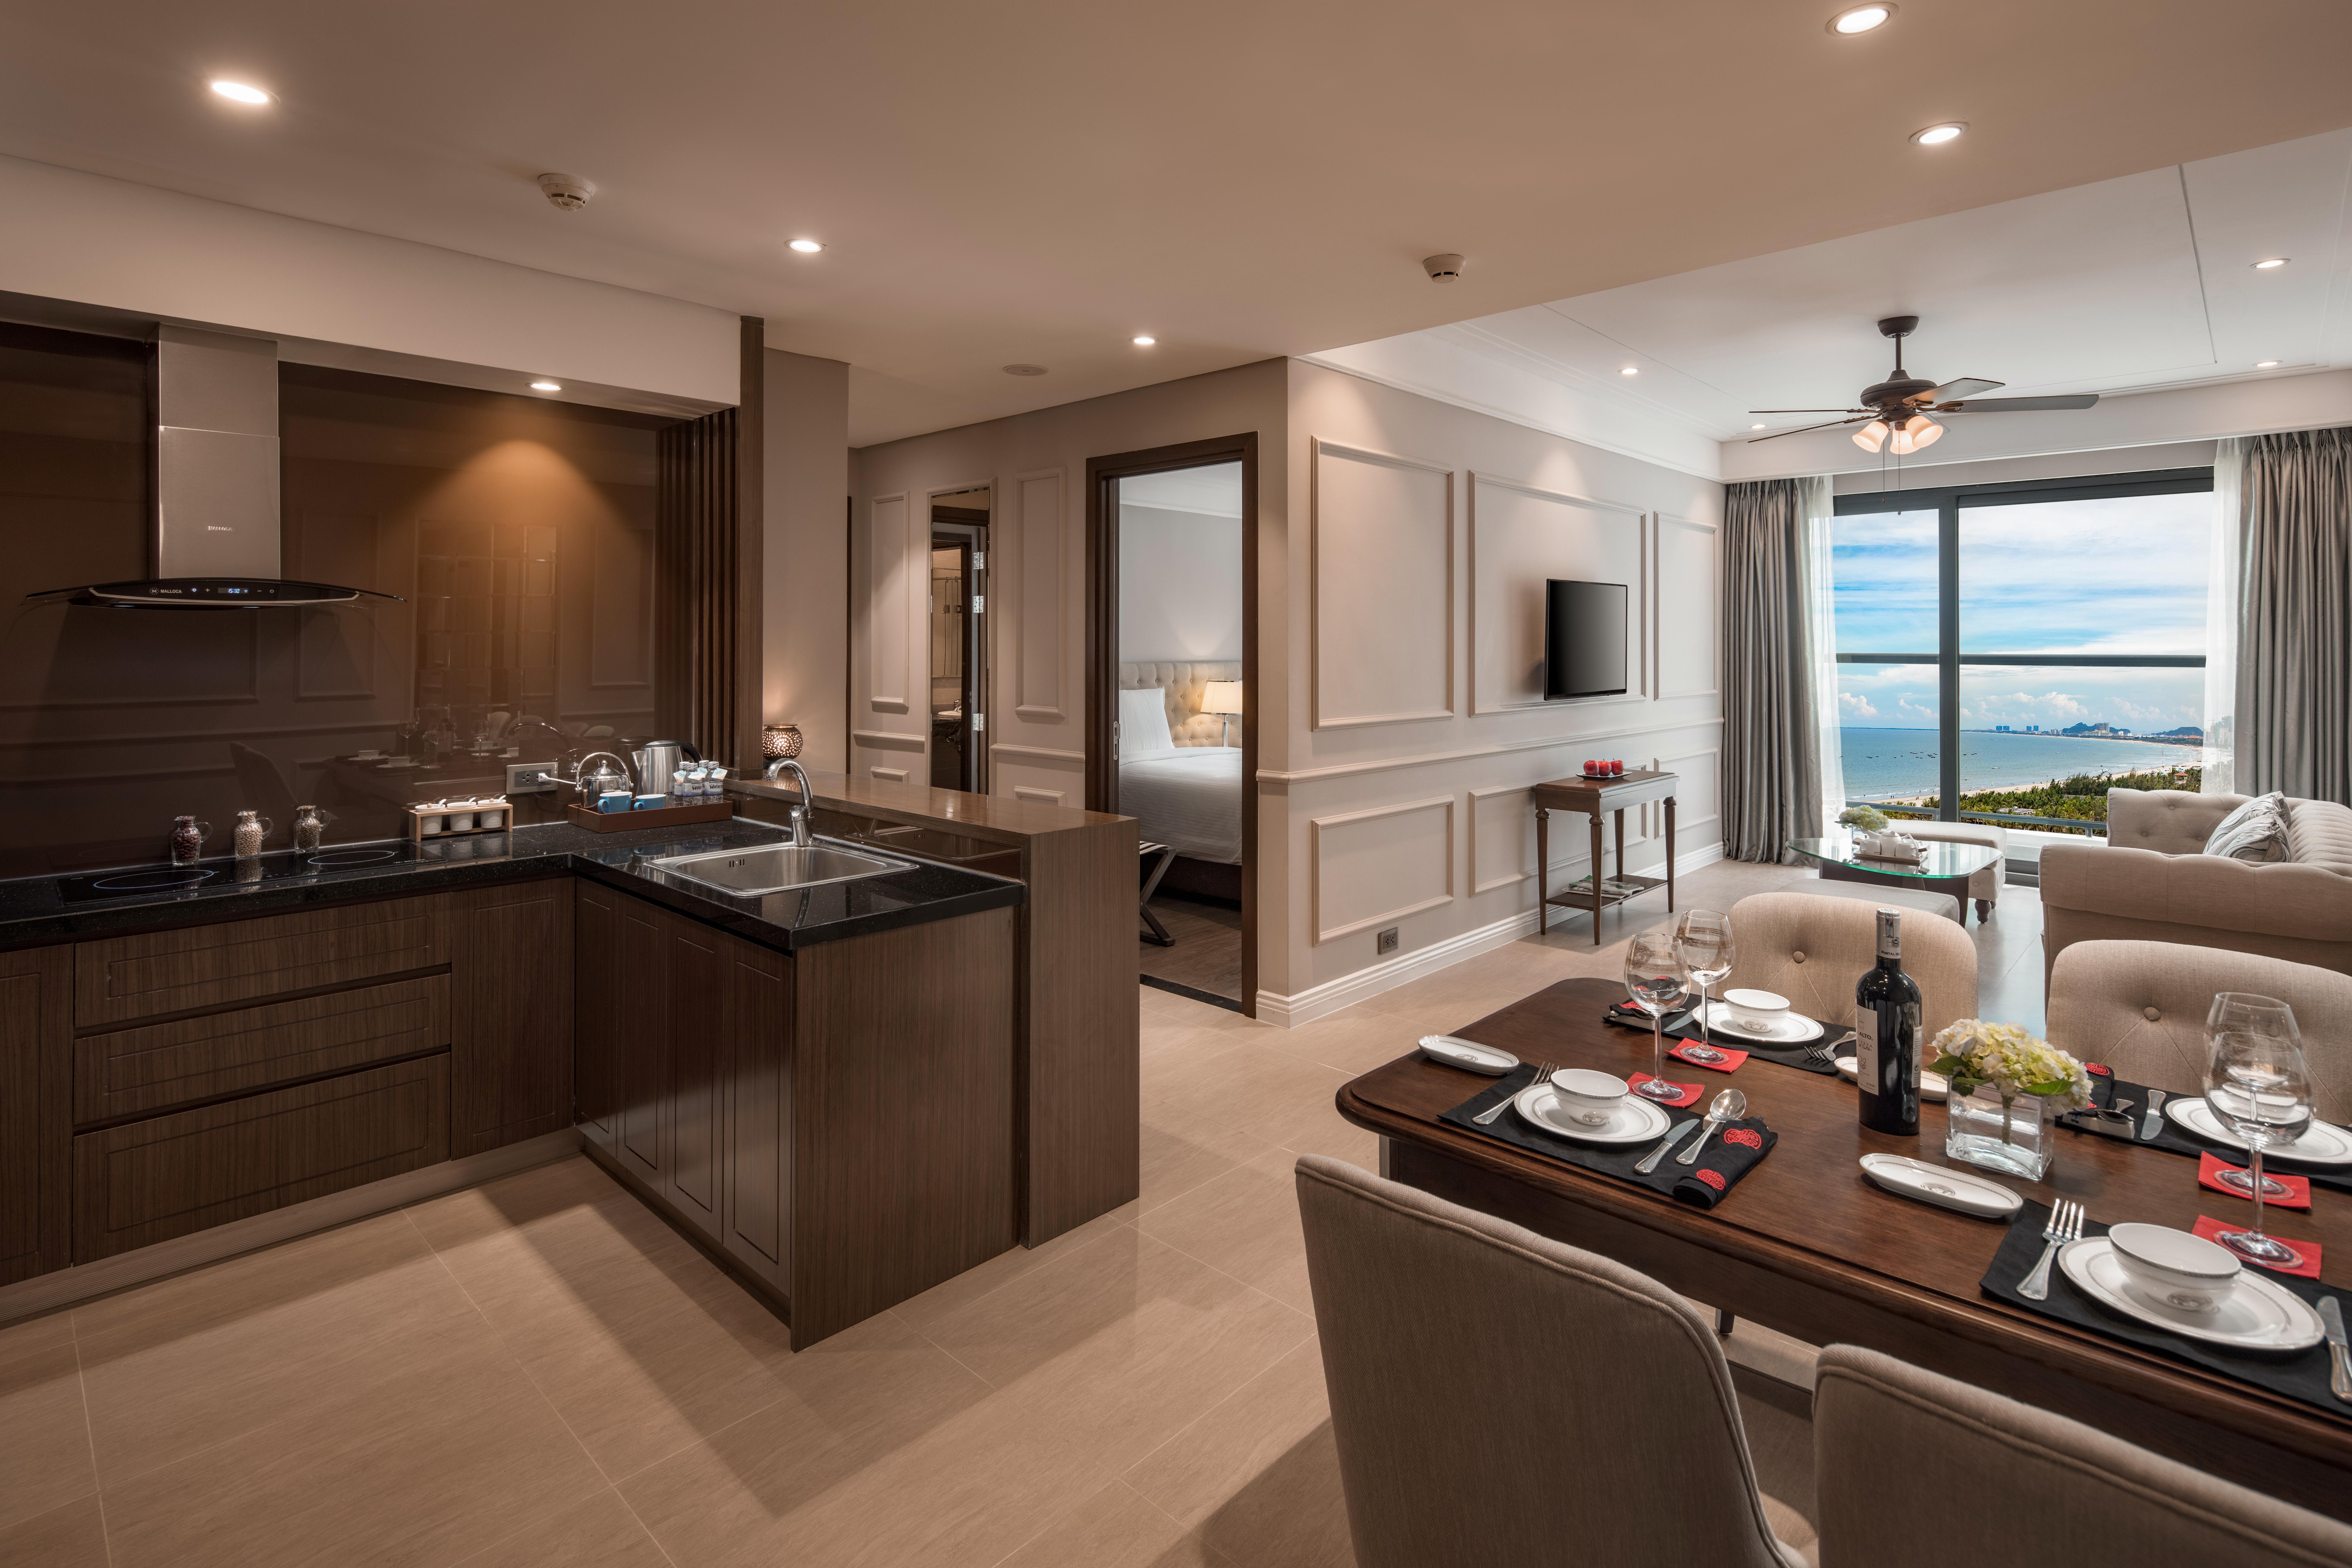 Không gian nghỉ dưỡng đẳng cấp và thoải mái tại Altara Suites Đà Nẵng.